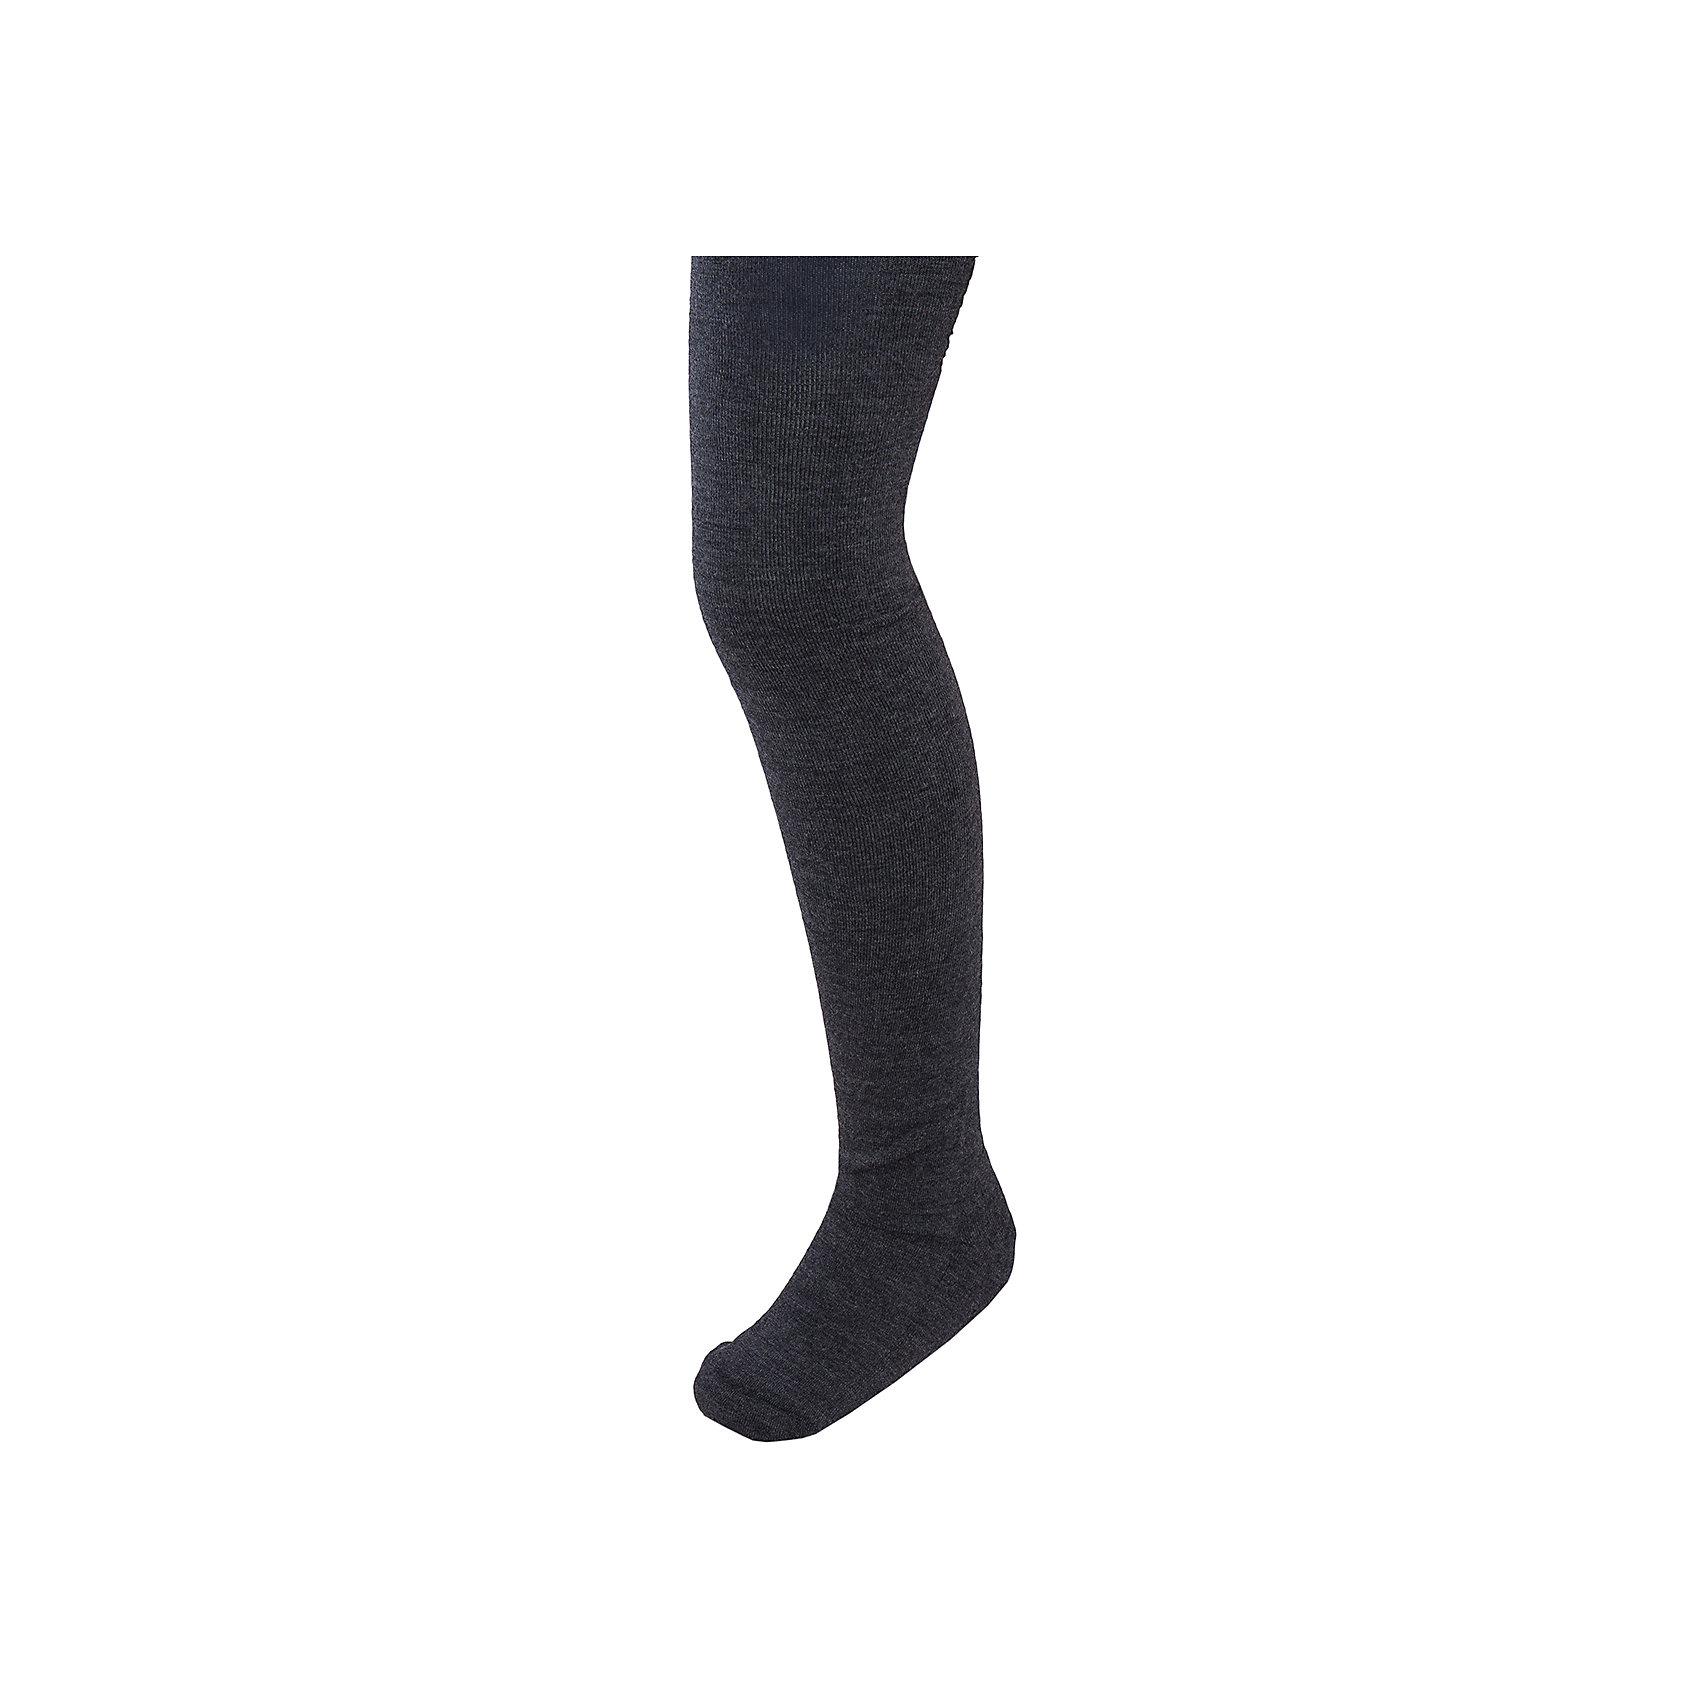 Колготки NorvegКолготки от известного бренда Norveg<br><br>Термоколготки Norveg Soft Merino Wool от немецкой компании Norveg (Норвег) - это удобная и красивая одежда, которая обеспечит комфортную терморегуляцию тела и на улице, и в помещении. <br>Они сделаны из шерсти мериноса (австралийской тонкорунной овцы), которая обладает гипоаллергенными свойствами, поэтому не вызывает раздражения, даже если надета на голое тело. <br>Отличительные особенности модели:<br><br>- цвет - серый;<br>- швы плоские, не натирают и не мешают движению;<br>- анатомические резинки;<br>- материал впитывает влагу и сразу выводит наружу;<br>- анатомический крой;<br>- подходит и мальчикам, и девочкам;<br>- не мешает под одеждой.<br><br>Дополнительная информация:<br><br>- Температурный режим: от - 30° С  до +5° С.<br><br>- Состав: 100% шерсть мериносов<br><br>Колготки Norveg (Норвег) можно купить в нашем магазине.<br><br>Ширина мм: 123<br>Глубина мм: 10<br>Высота мм: 149<br>Вес г: 209<br>Цвет: серый<br>Возраст от месяцев: 120<br>Возраст до месяцев: 132<br>Пол: Унисекс<br>Возраст: Детский<br>Размер: 152,146,140,164<br>SKU: 4224686